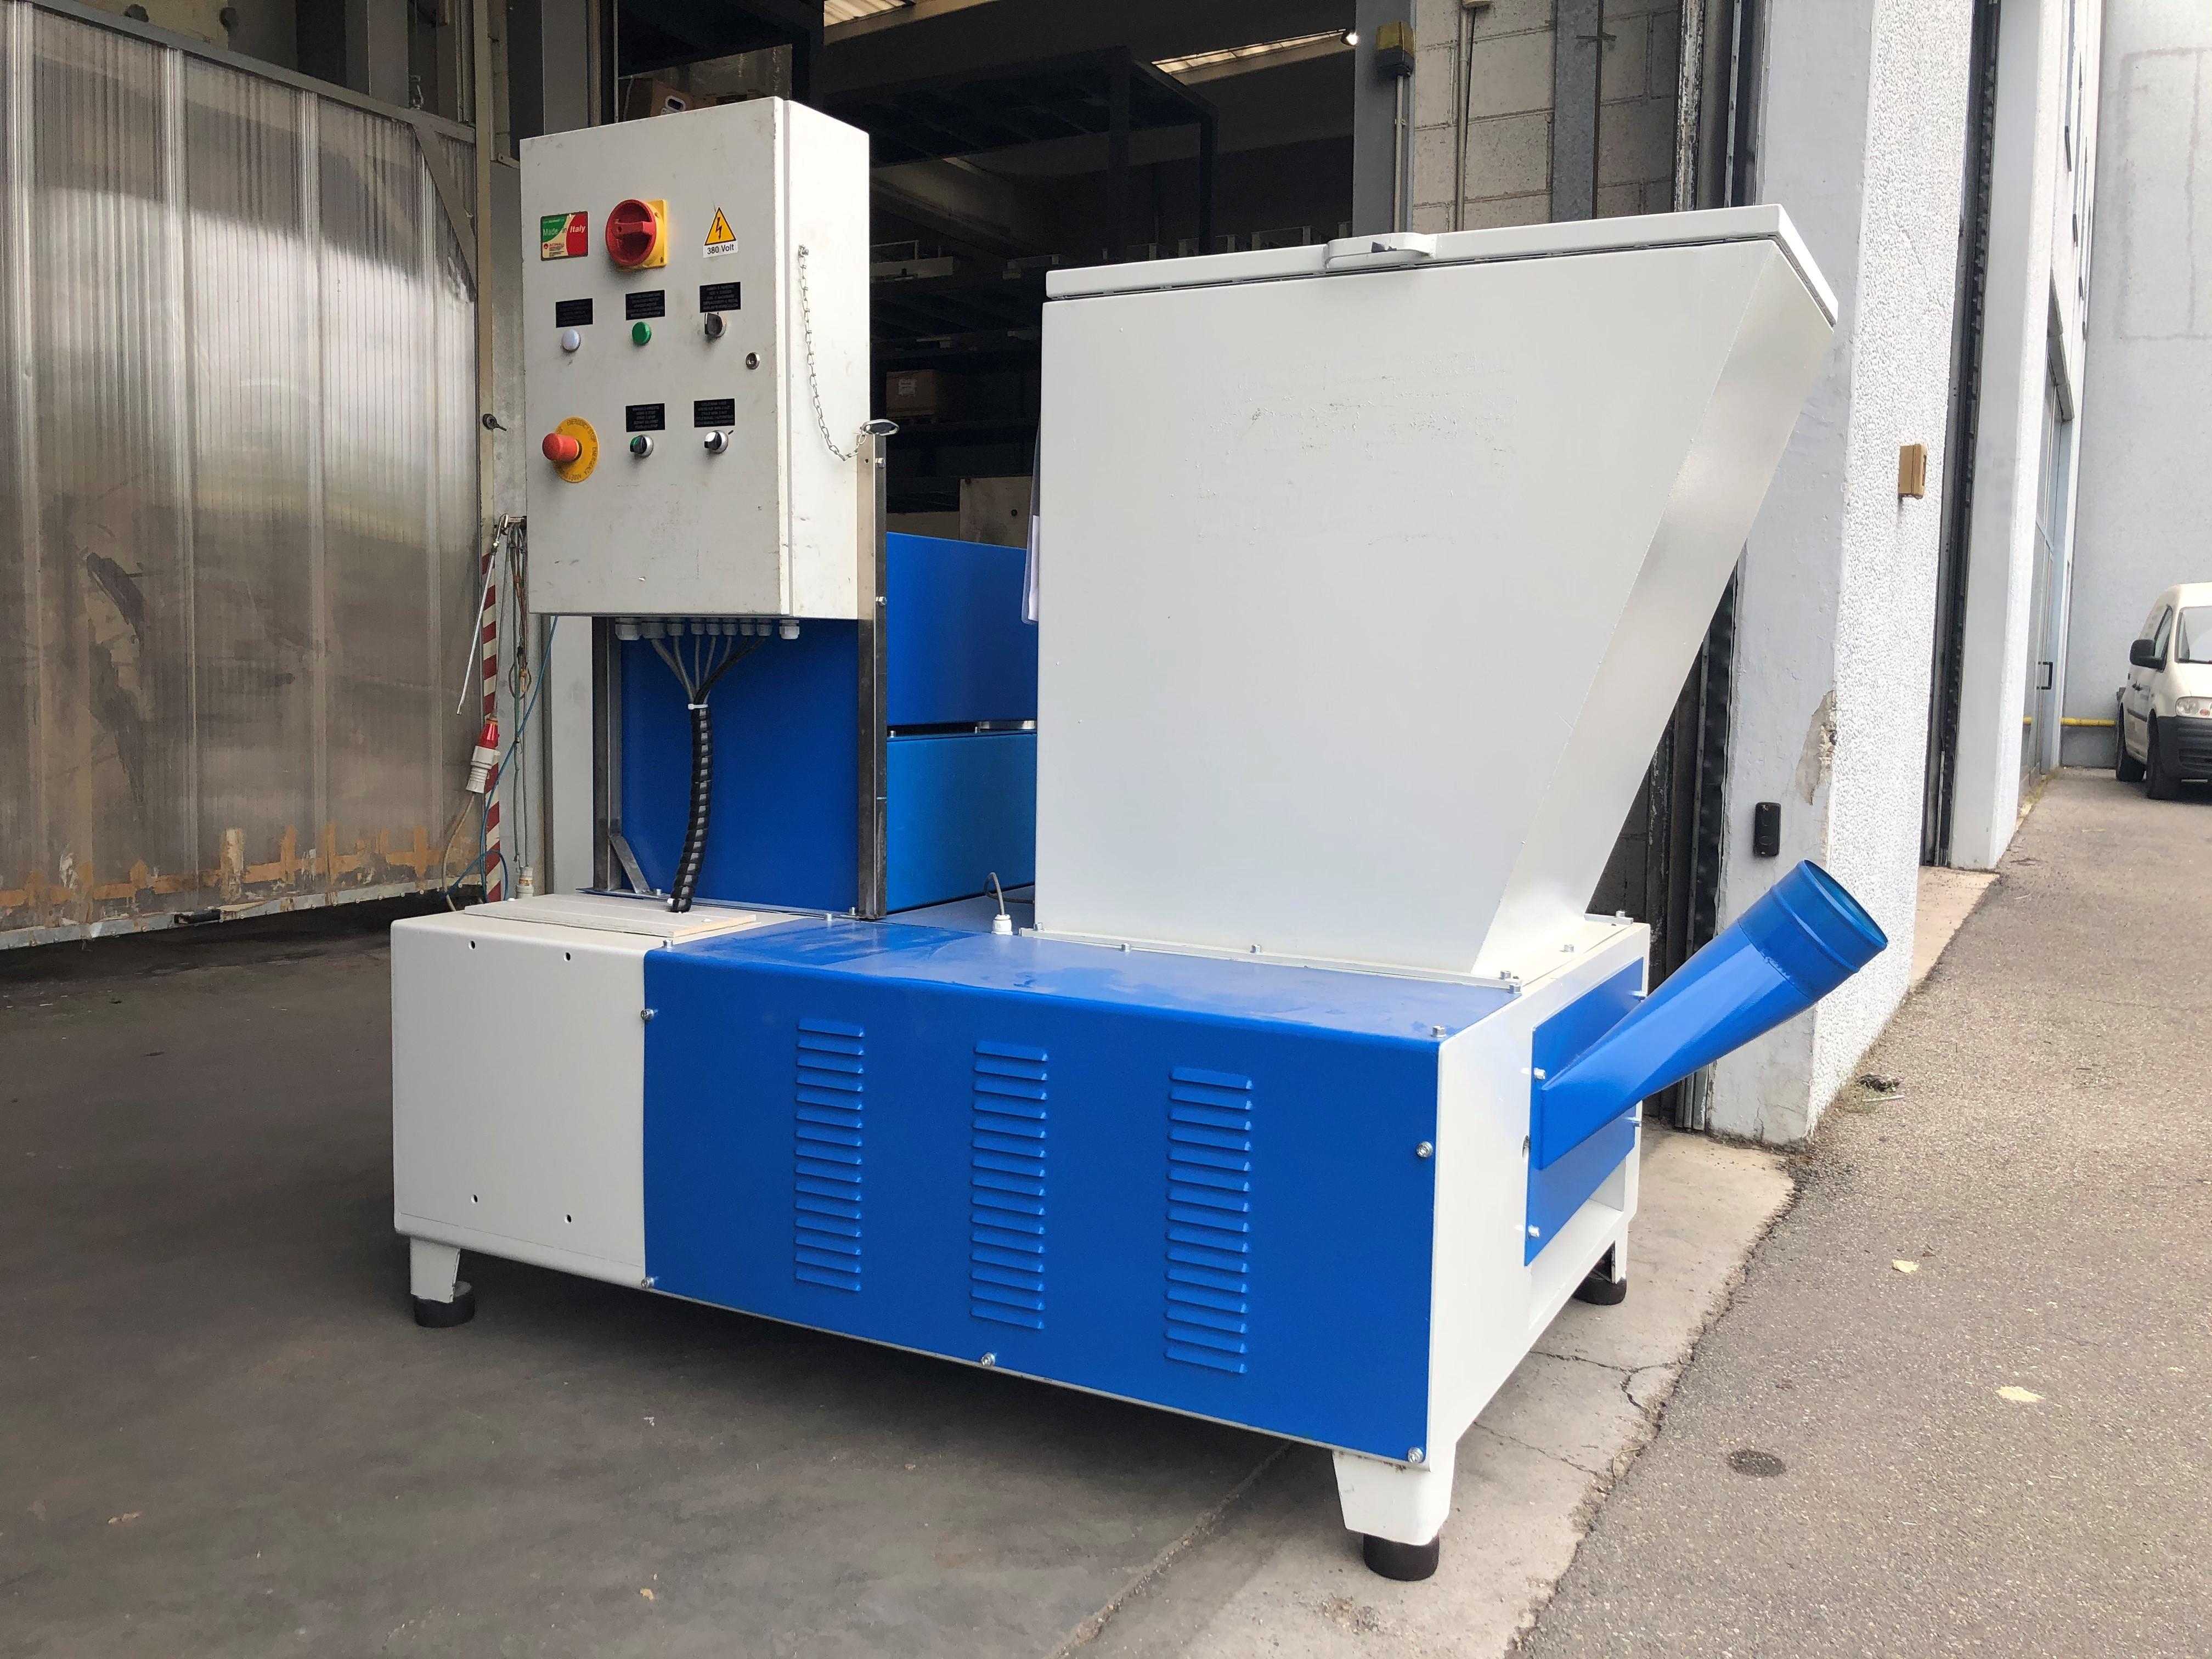 Grinder  MAC 600 Super - CO.MA.FER. Macchine srl